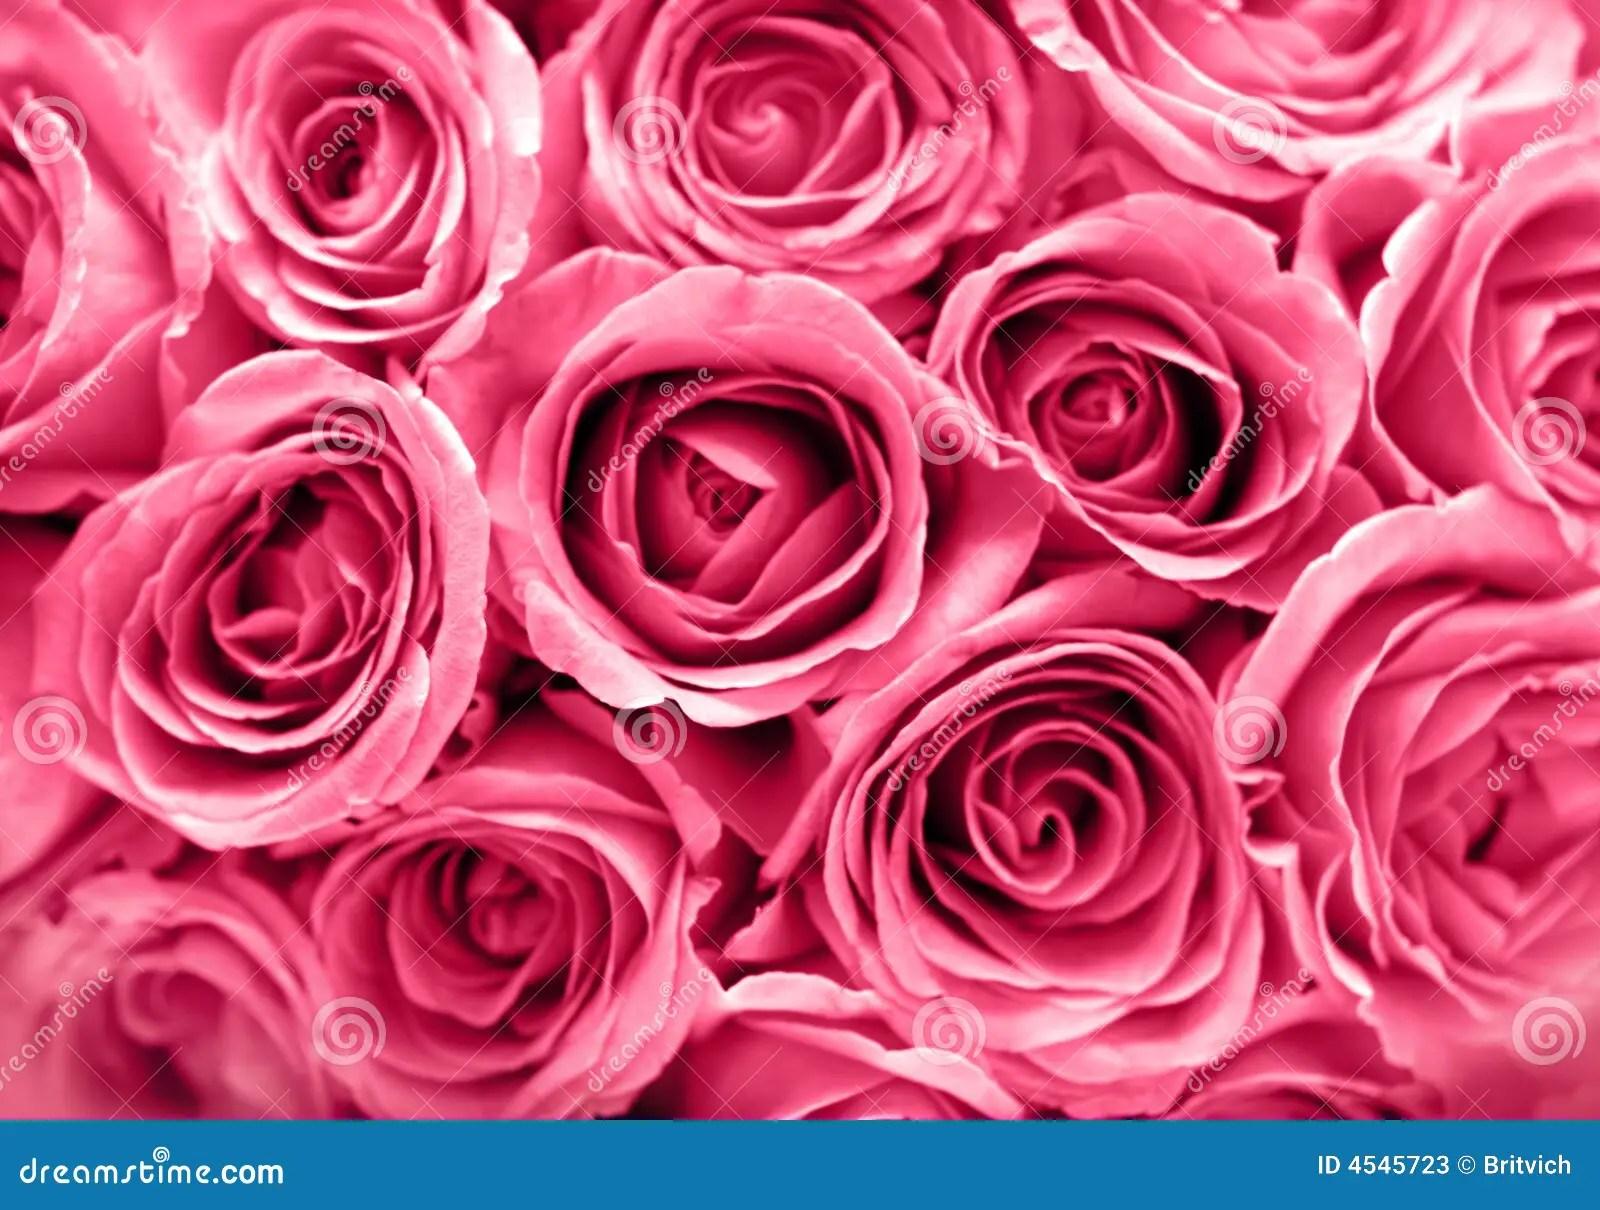 Pretty Wallpapers Rose Quotes Fundo Cor De Rosa Das Rosas Imagem De Stock Imagem 4545723